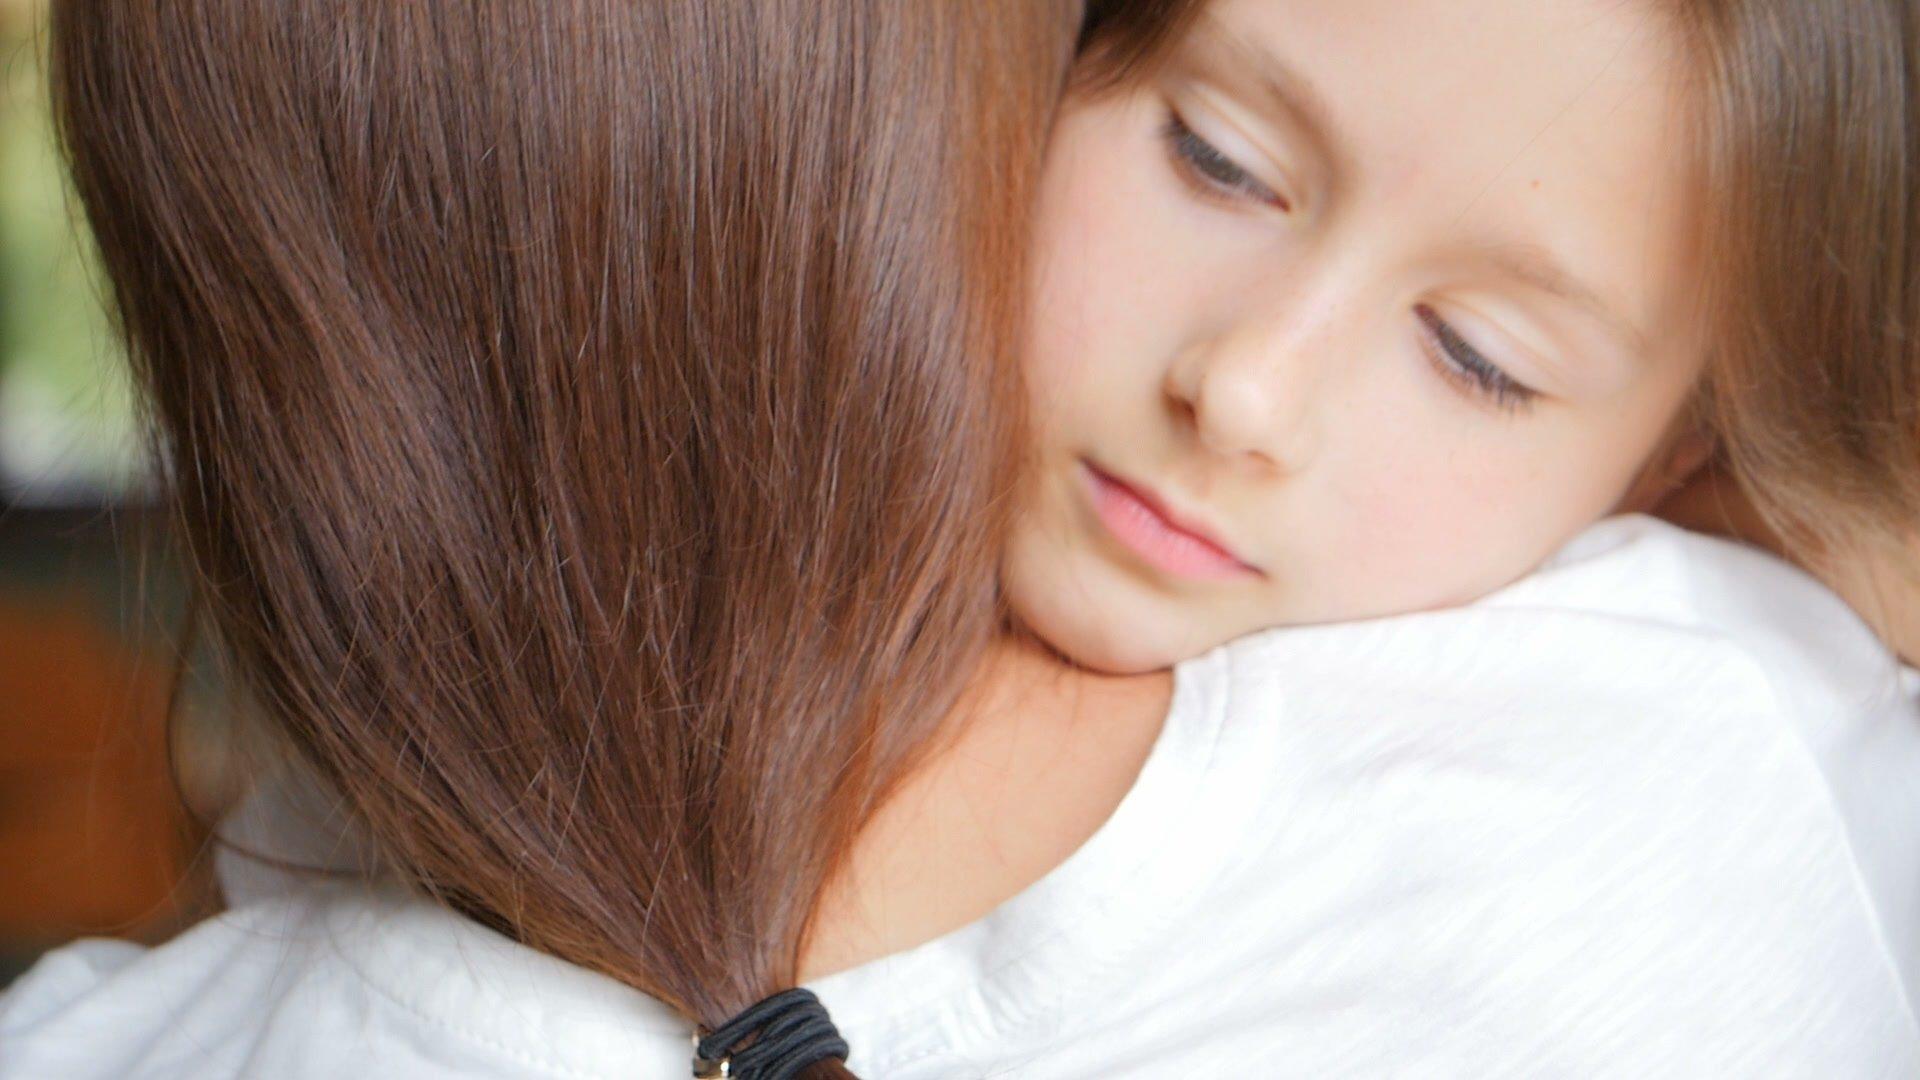 Explaining Miscarraige to Children